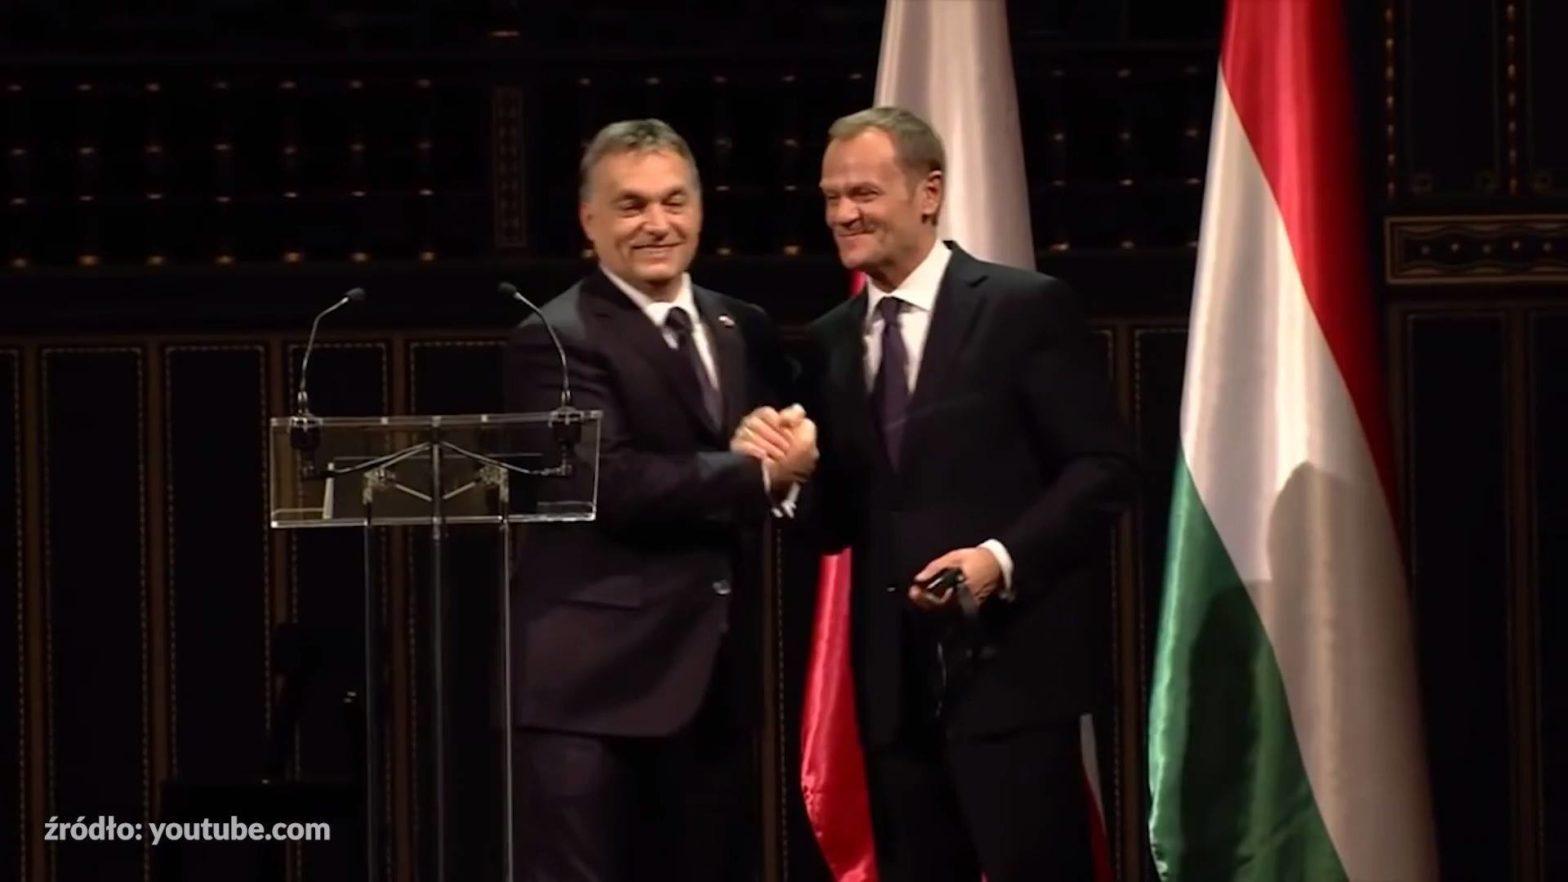 Obejrzyj Viktor Orbán - mafijne państwo uderza w pracowników.